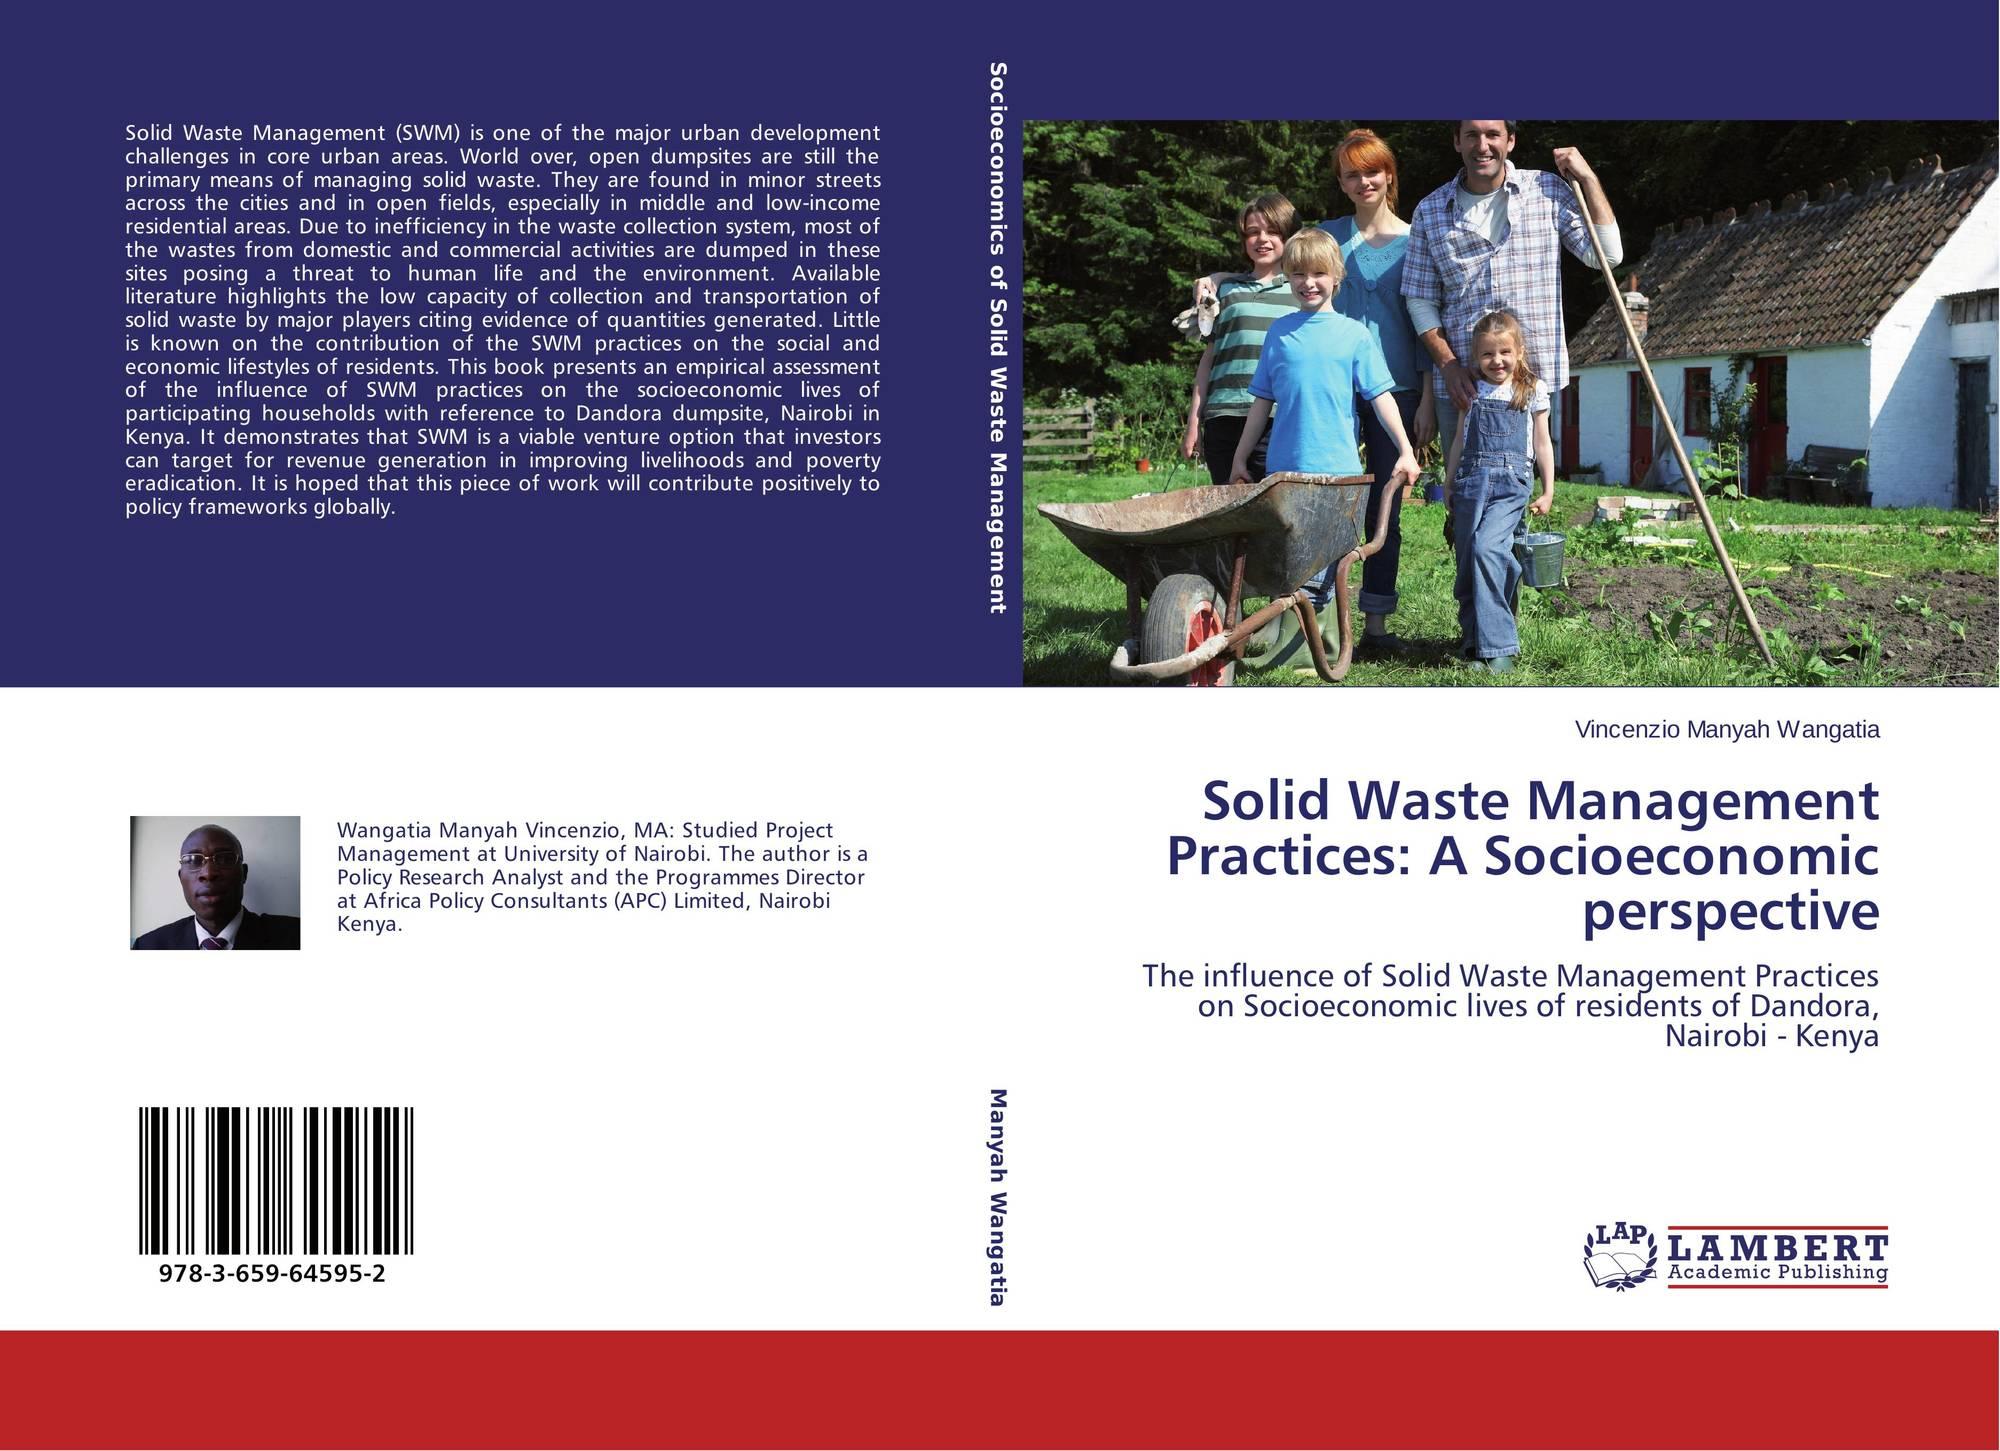 Literature on solid waste management